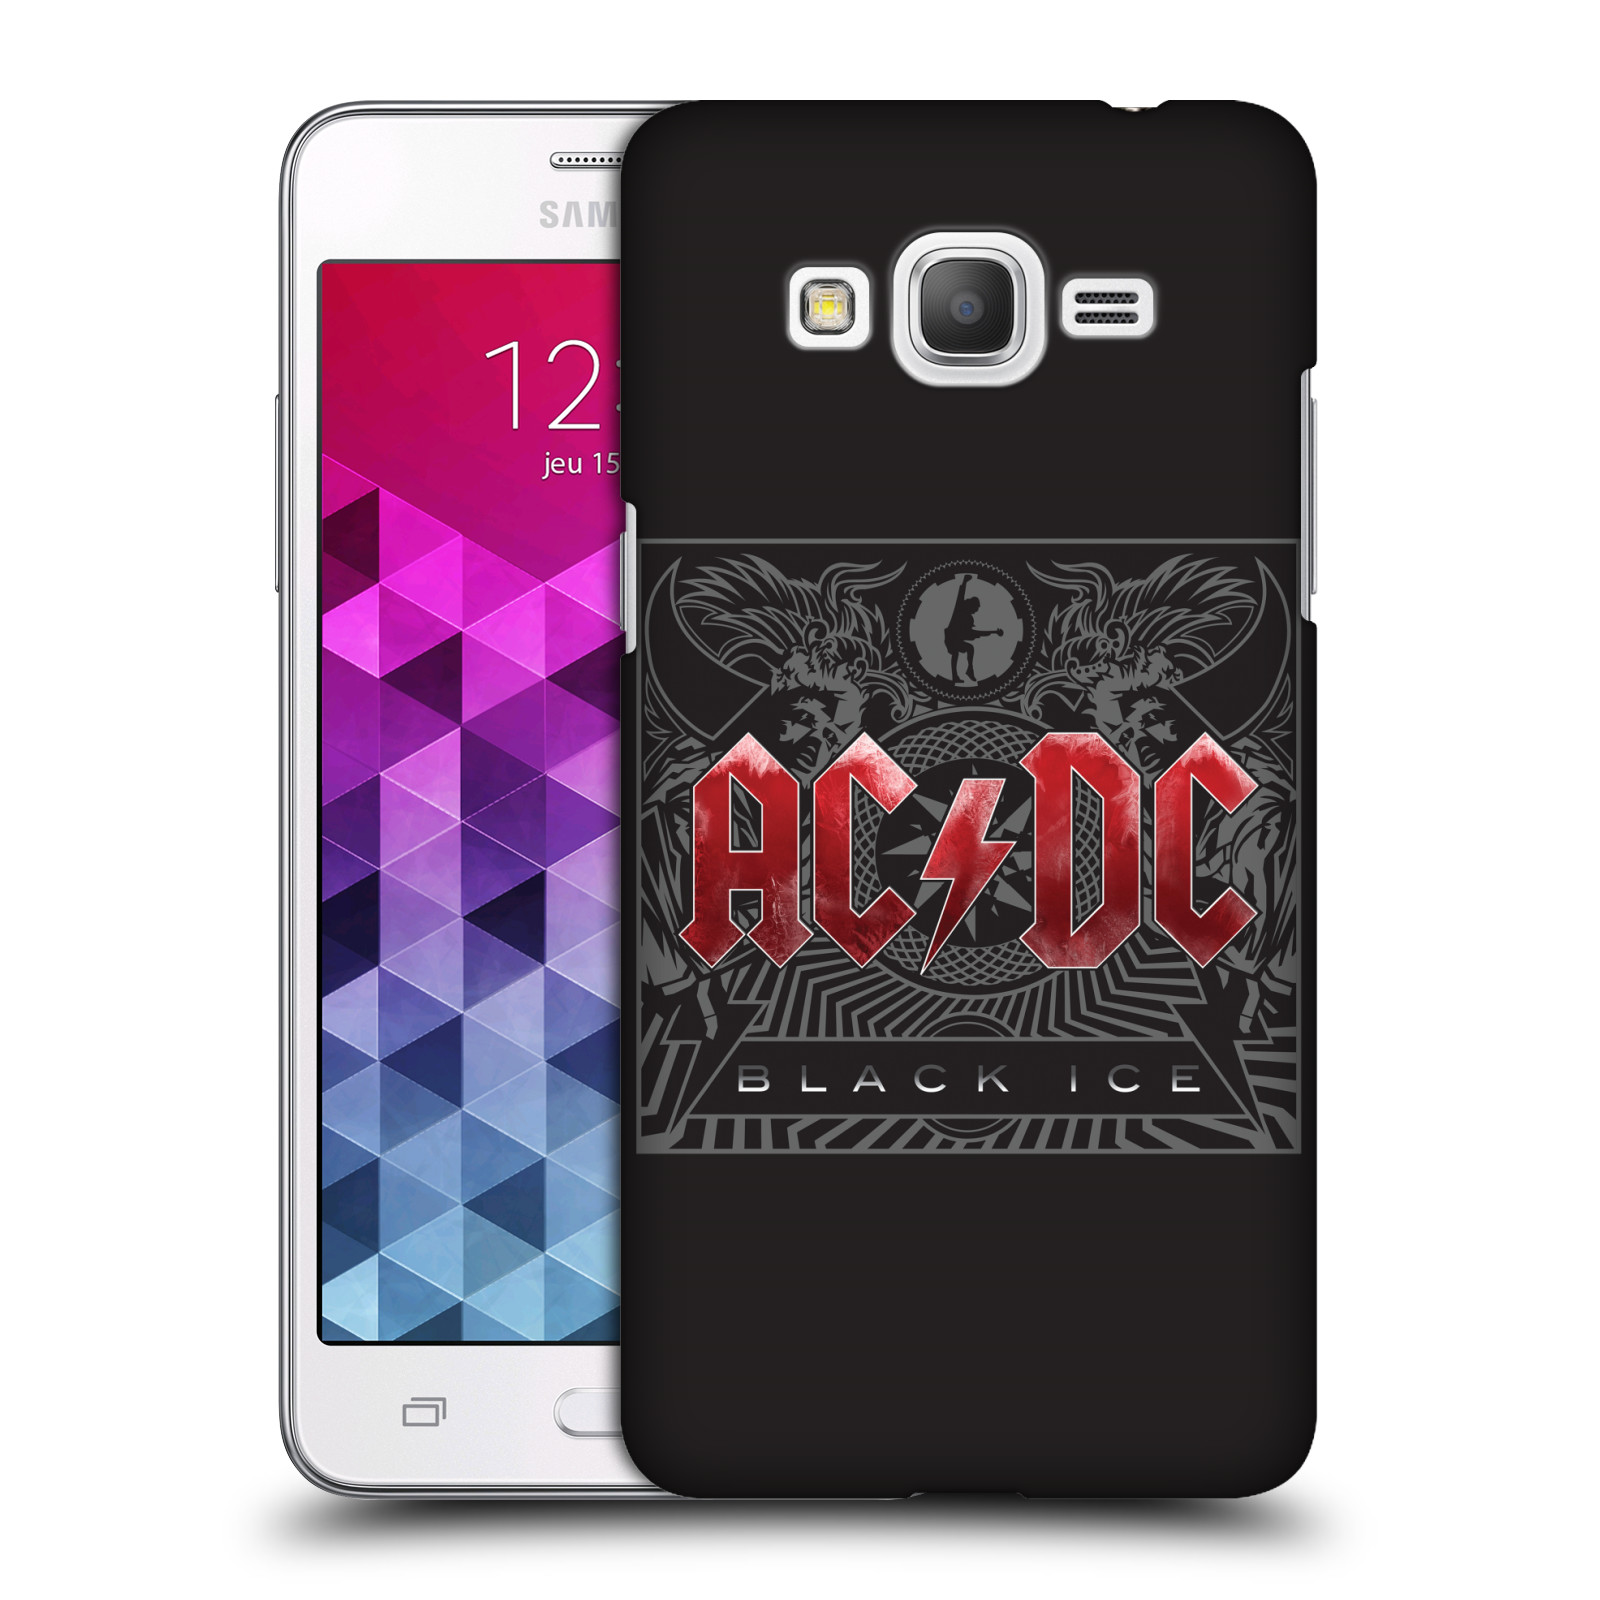 Plastové pouzdro na mobil Samsung Galaxy Grand Prime VE HEAD CASE AC/DC Black Ice (Plastový kryt či obal na mobilní telefon s oficiálním motivem australské skupiny AC/DC pro Samsung Galaxy Grand Prime VE SM-G531F)